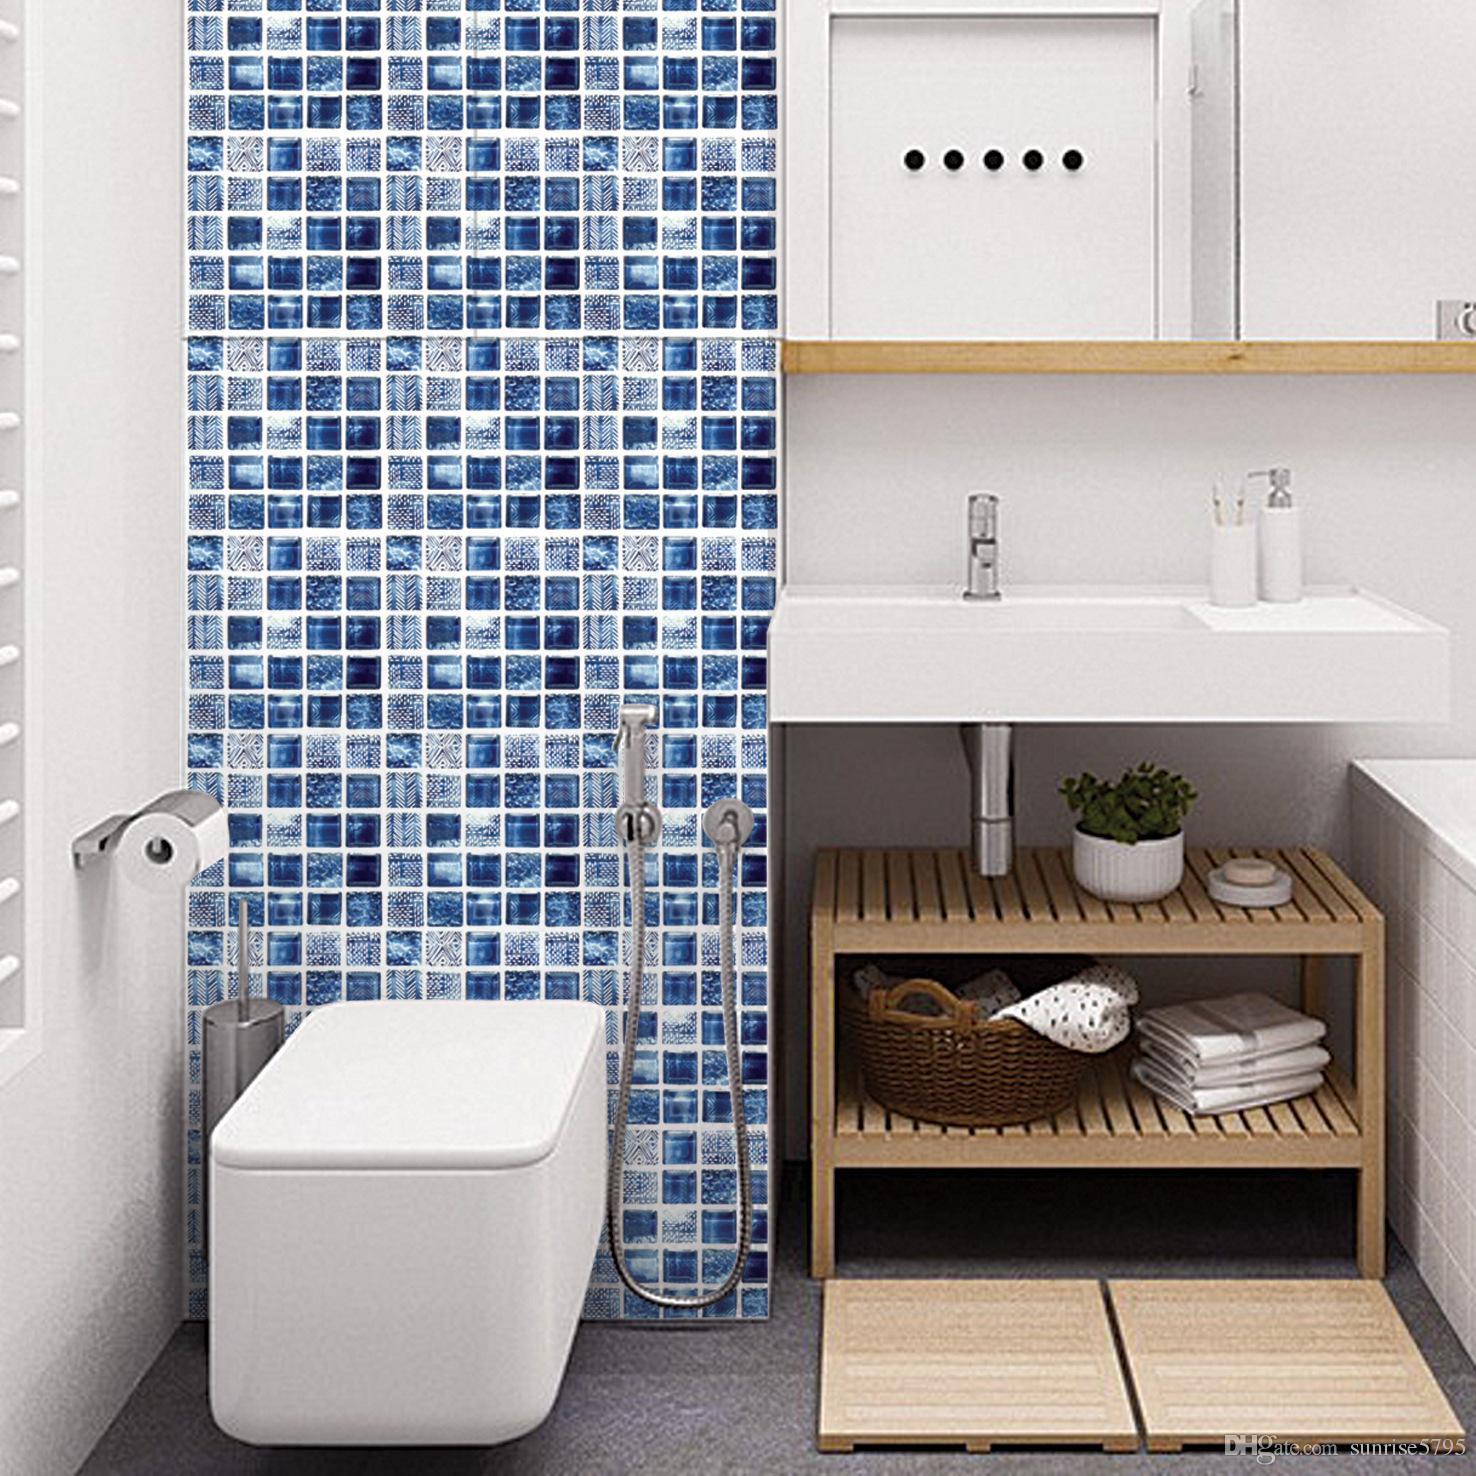 Acheter Bleu 3d Carrelage Autocollants Mosaique Mur Autocollant